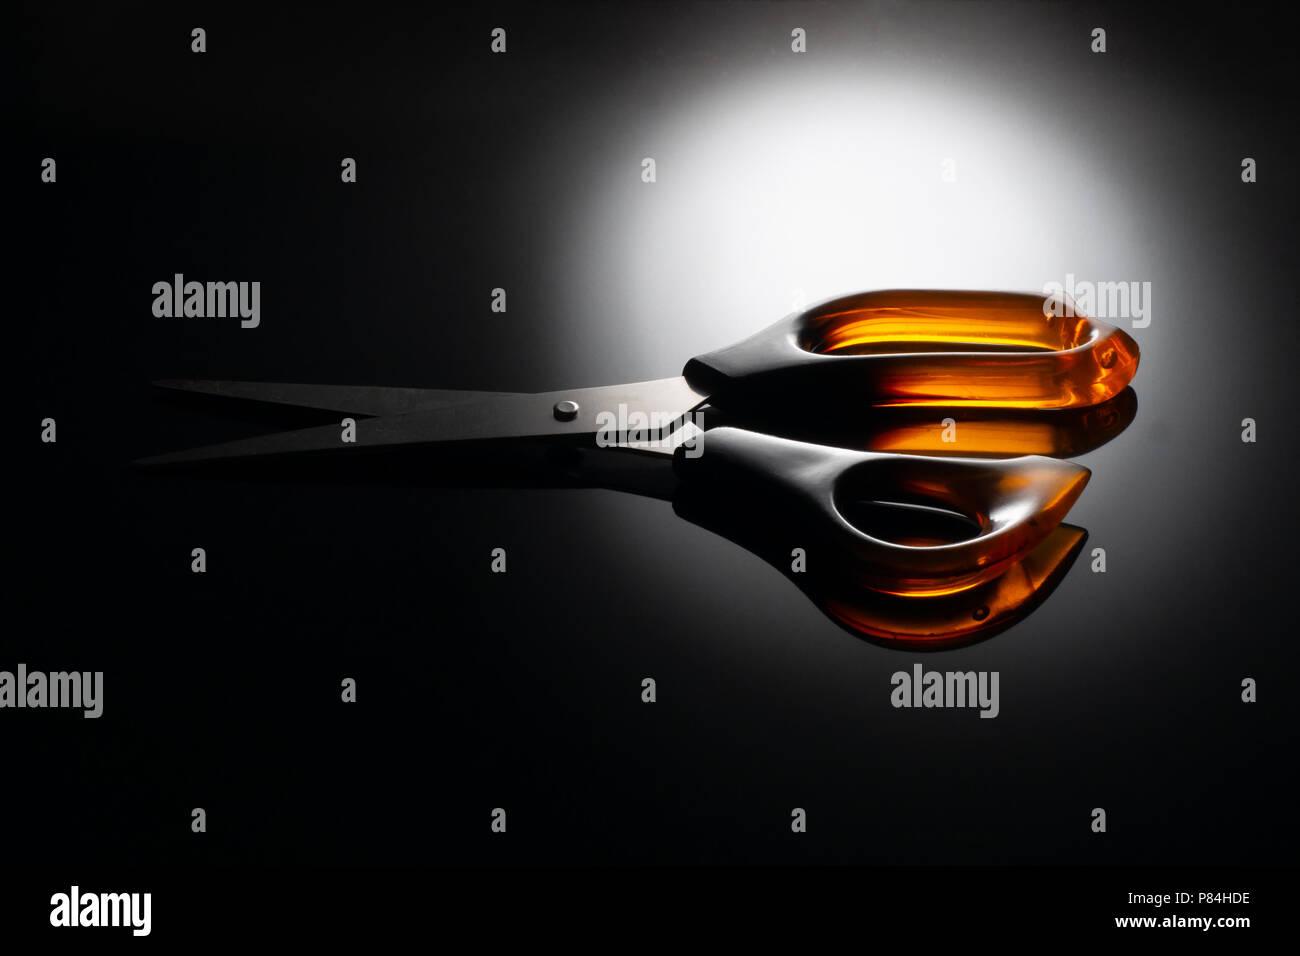 Manico in plastica forbici sul lucido, nero riflettente effetto specchio board. Illuminazione drammatica. Immagini Stock